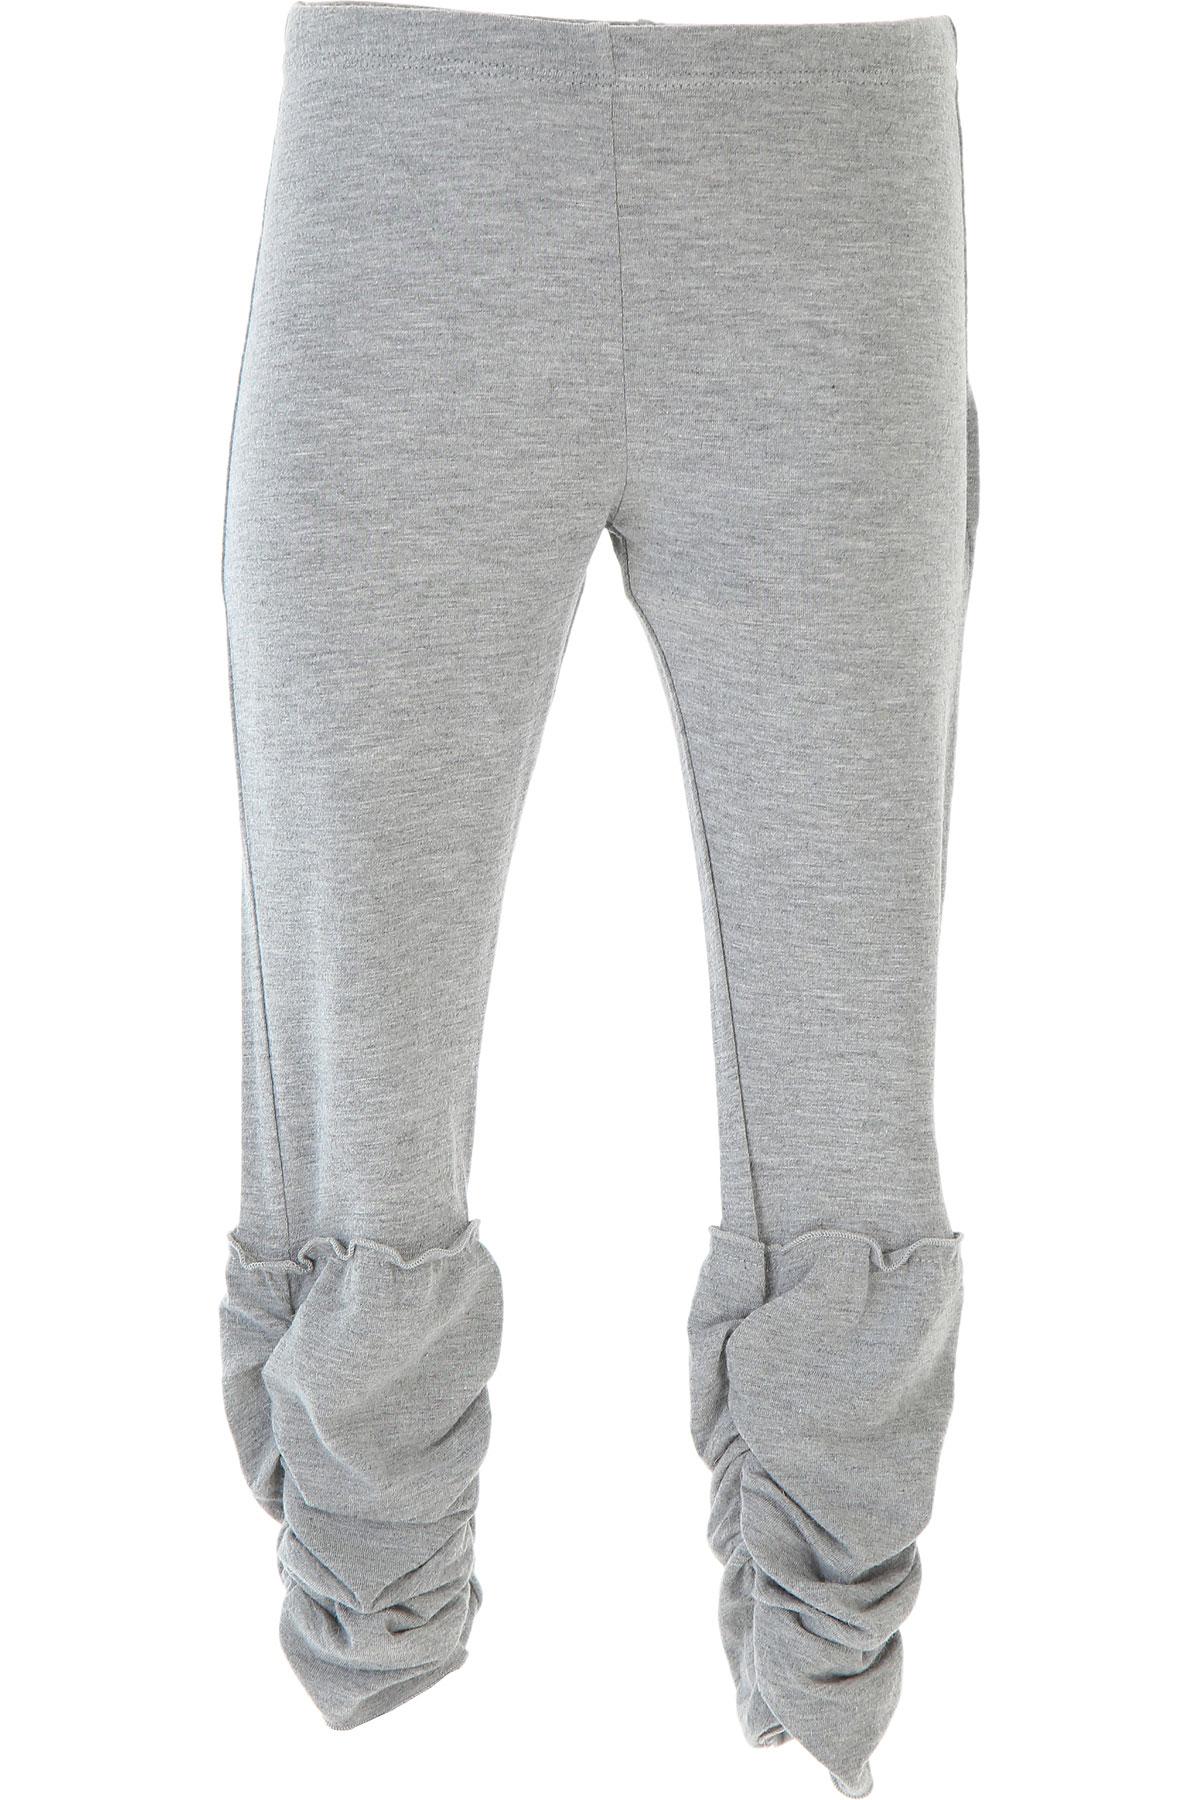 Ermanno Scervino Kids Pants for Girls On Sale in Outlet, Grey, Viscose, 2019, 5Y 6Y